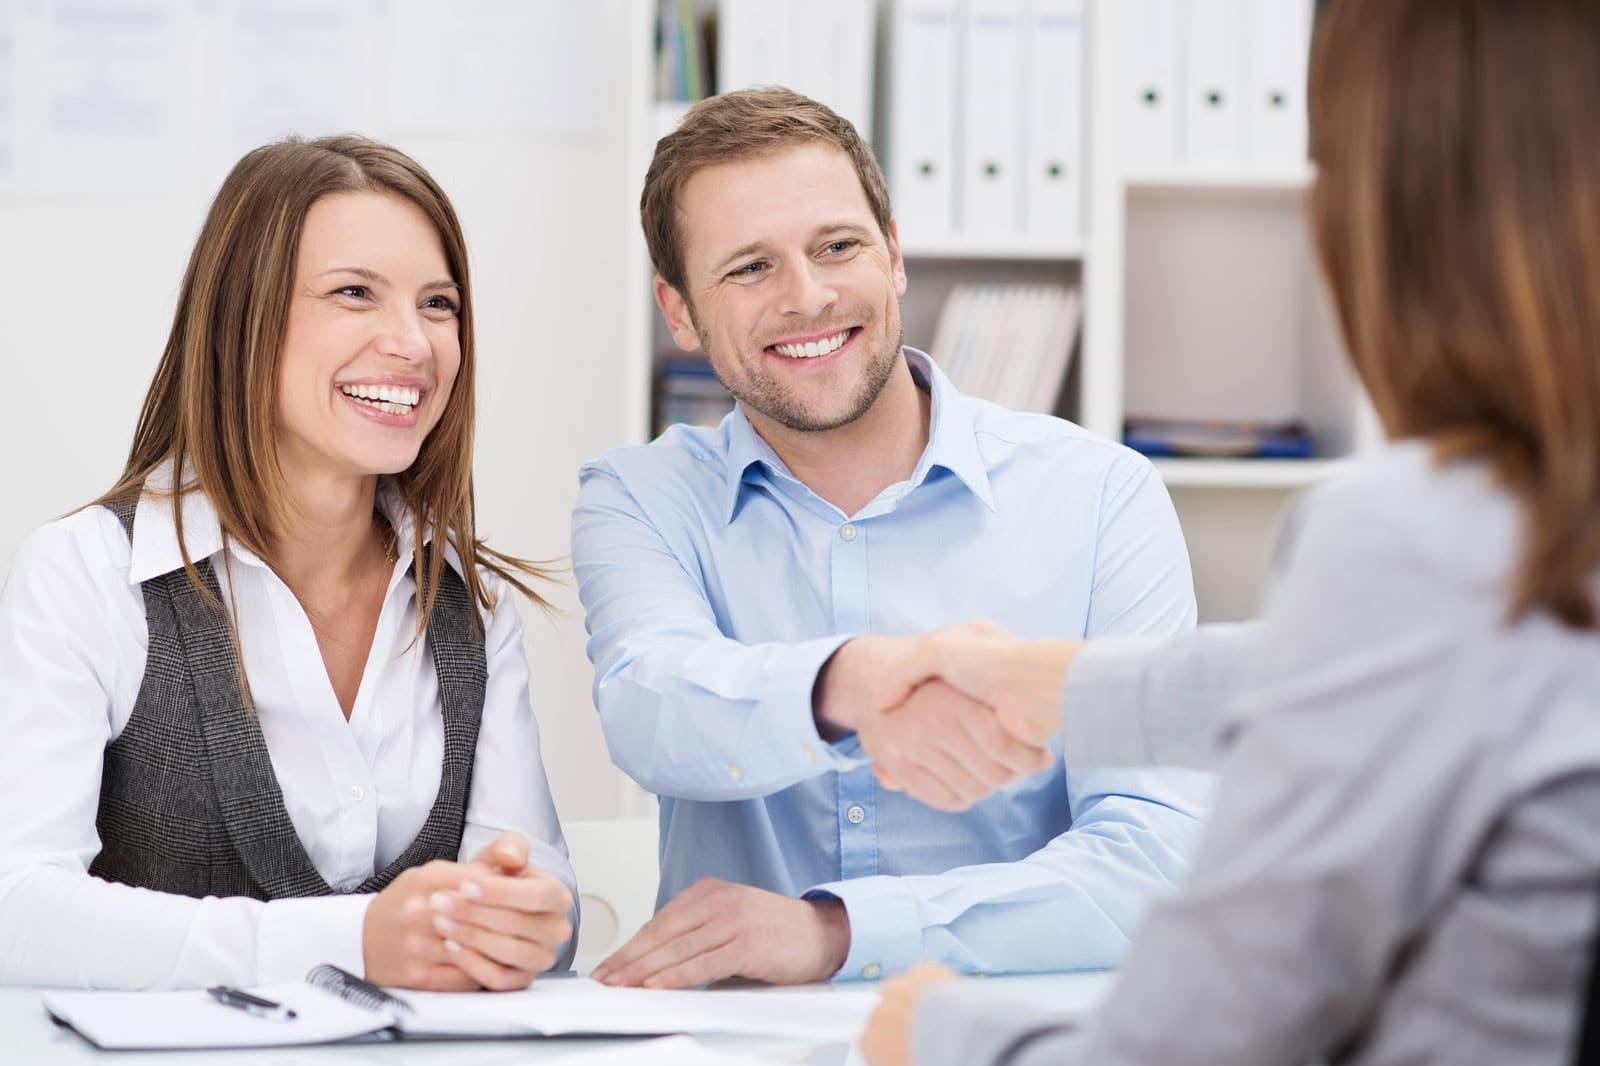 Kundenzufriedenheit: 7 Ideen, mit denen Sie Ihre Kunden glücklich machen